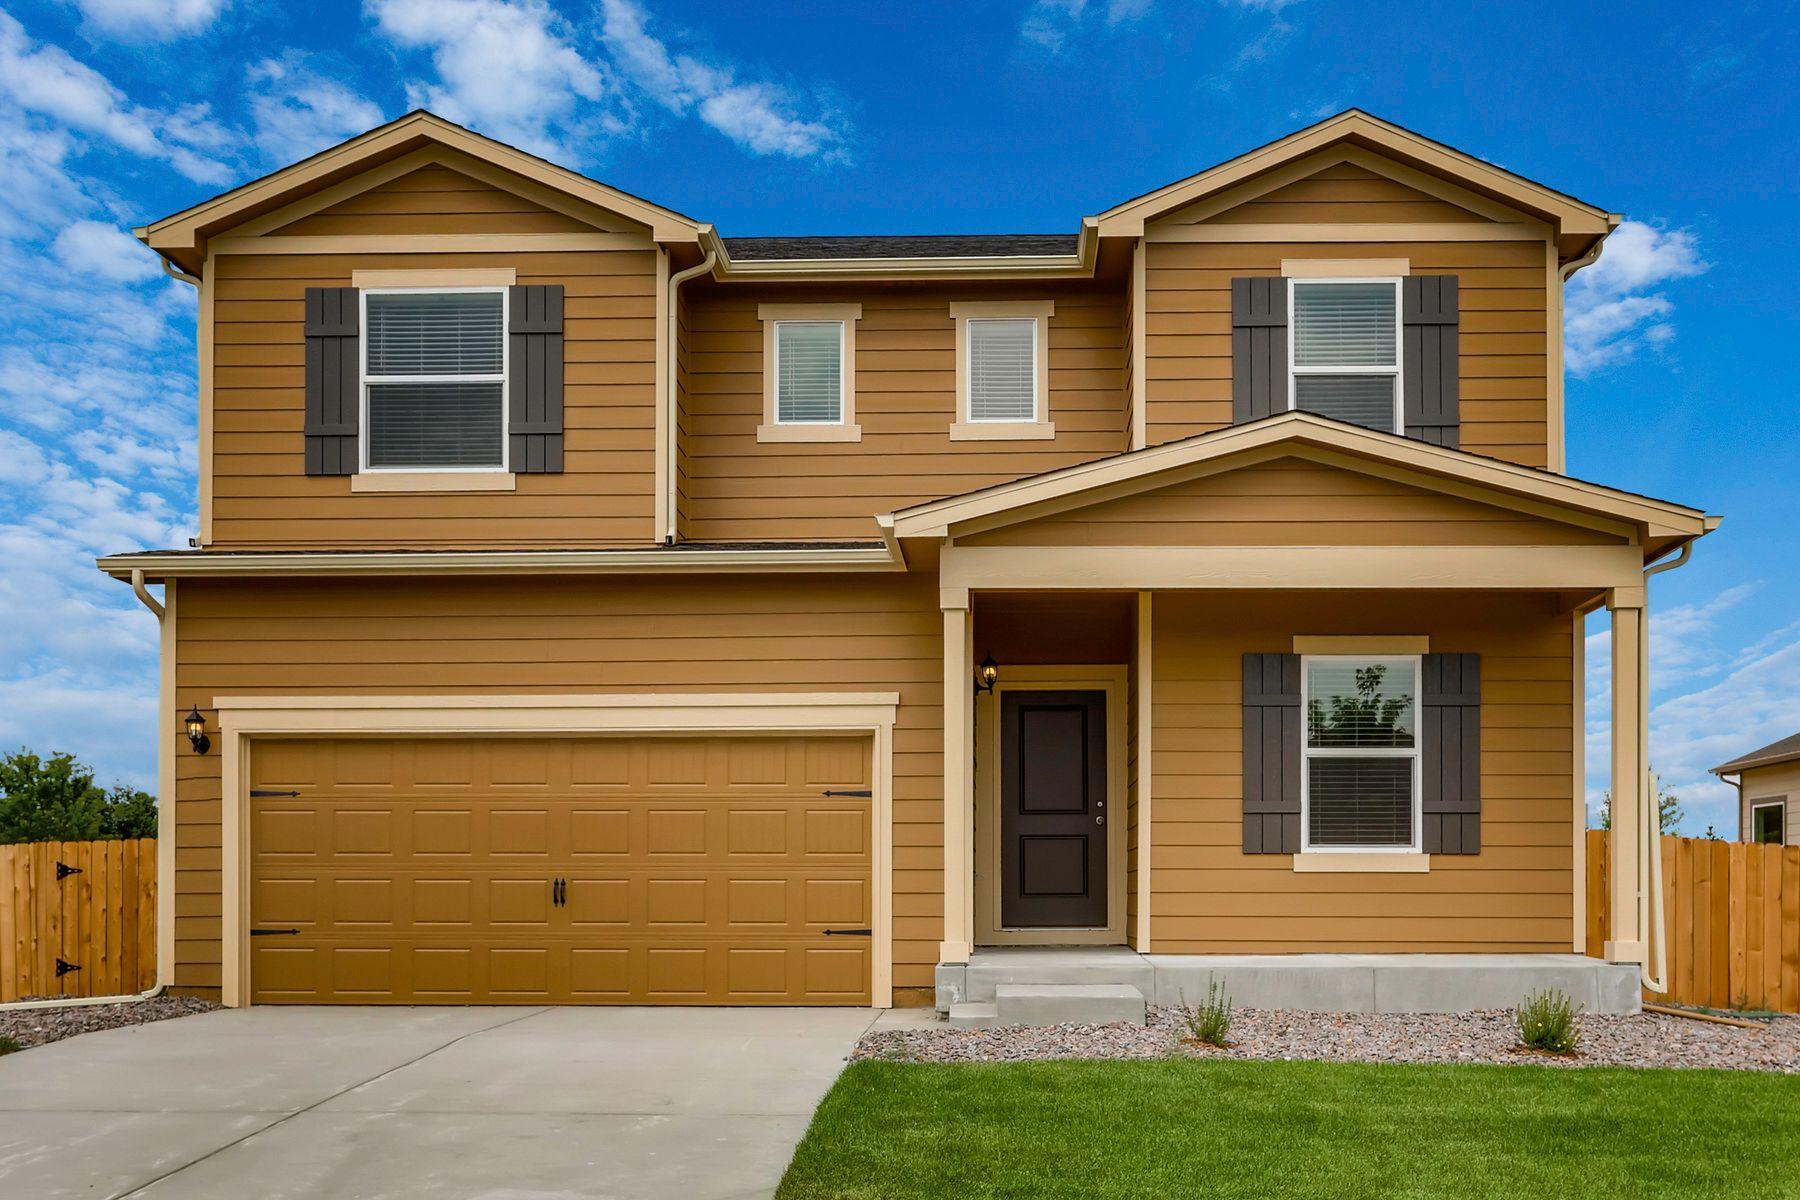 The Columbia:LGI Homes - Westview